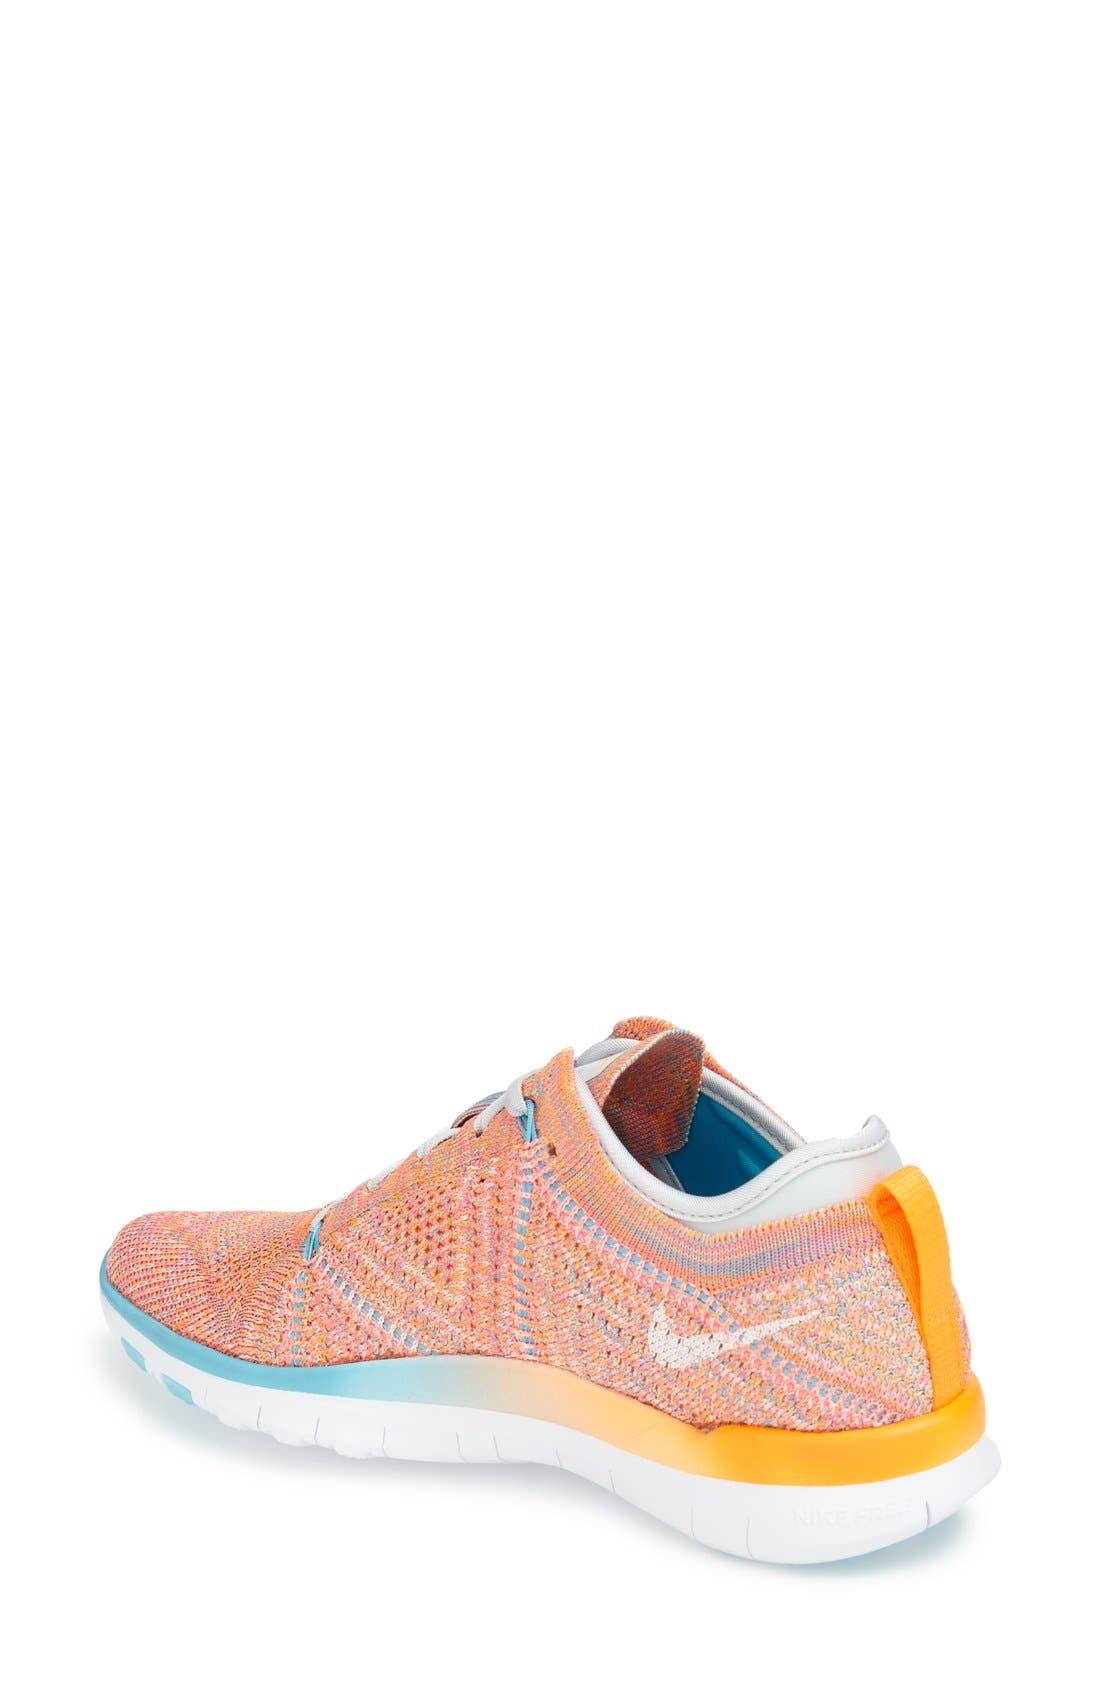 Alternate Image 2  - Nike 'Free Flyknit 5.0 TR' Training Shoe (Women)